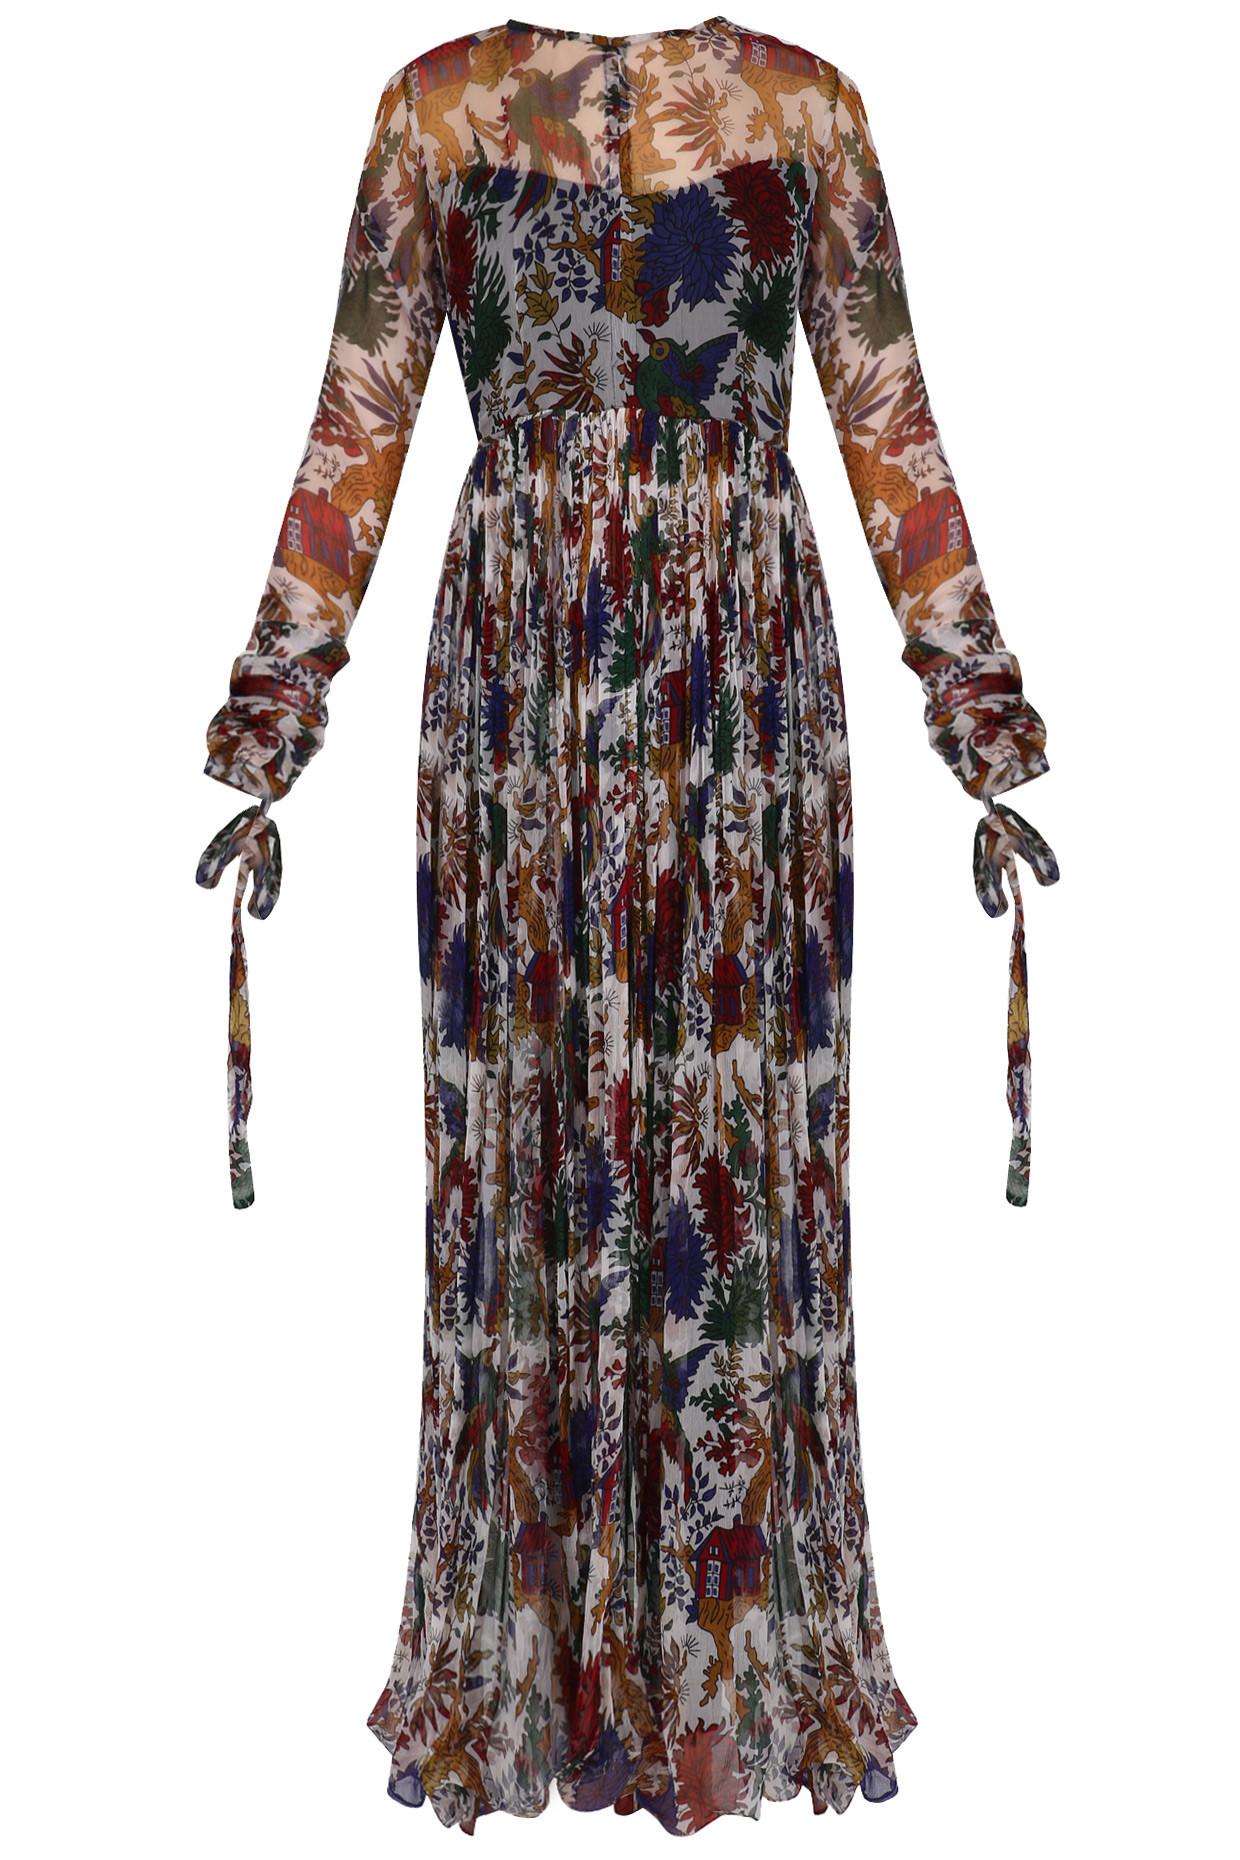 Ivory shikara print chiffon maxi dress by Pallavi Jaipur